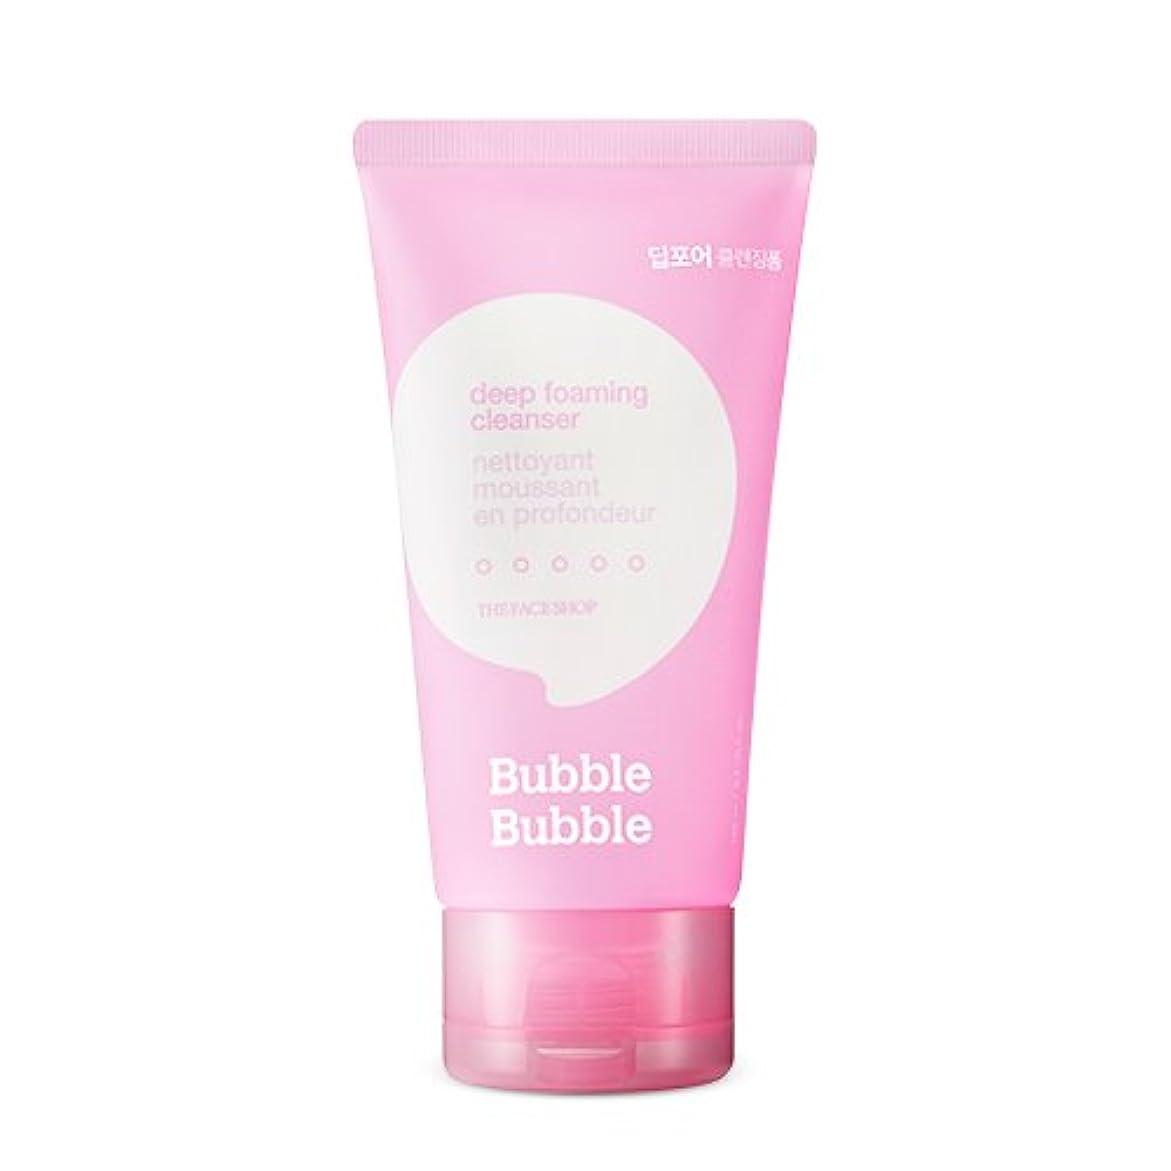 与える欠点の前でTHE FACE SHOP Bubble Bubble Foaming Cleanser 100ml/ザフェイスショップ バブル バブル フォーミング クレンザー 100ml (#Deep(ディープポア)) [並行輸入品]